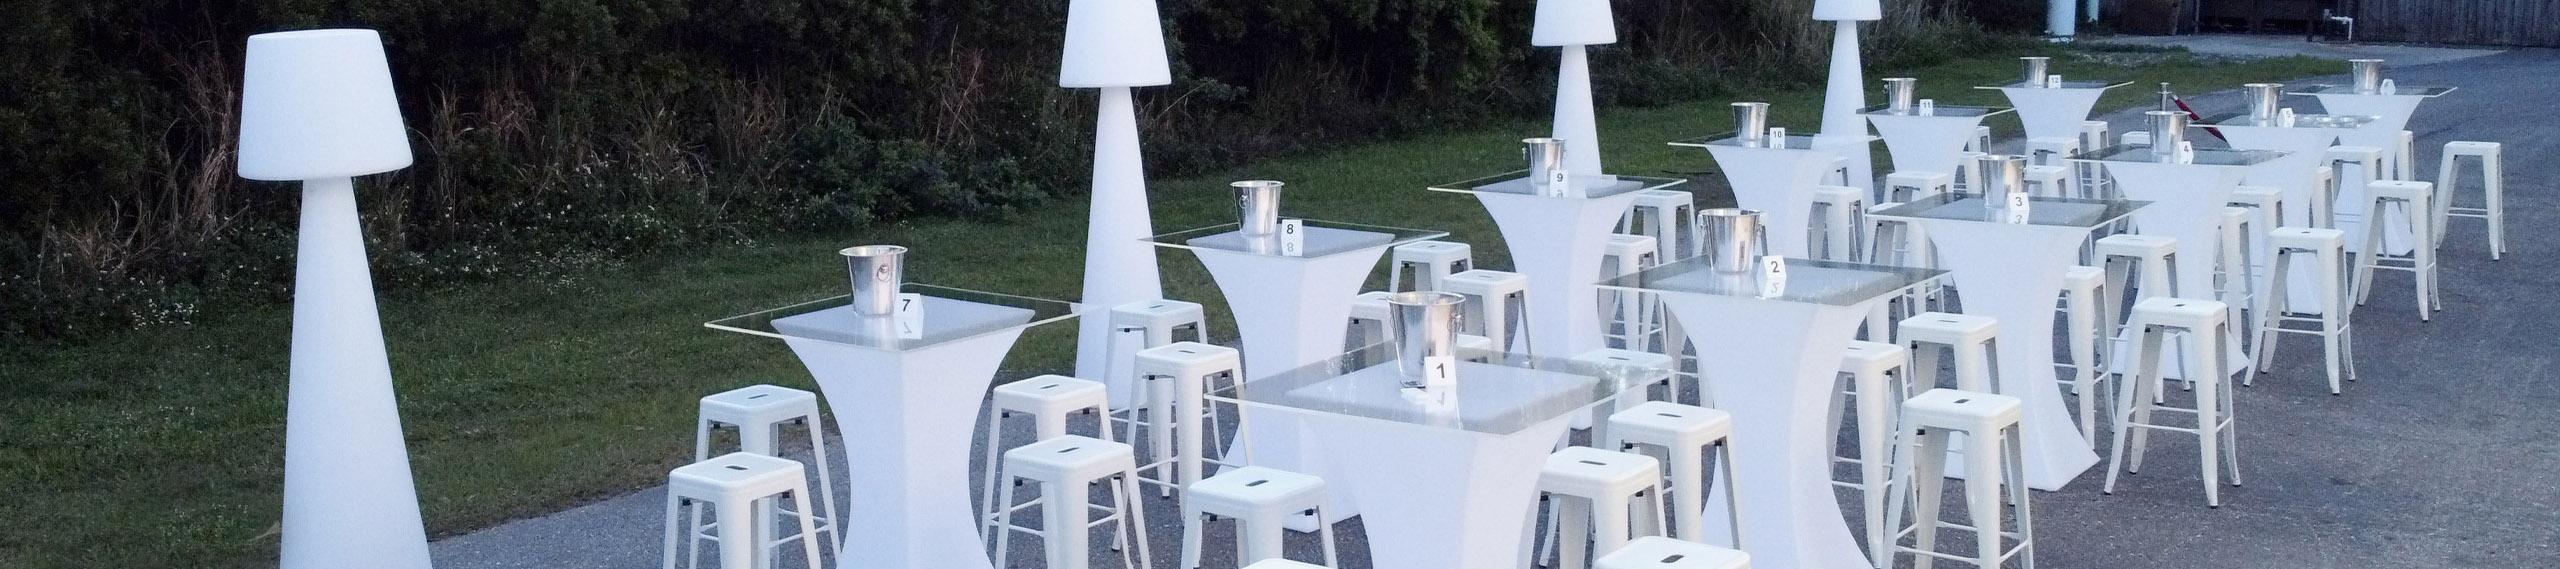 glow-table-high-top-sarasota